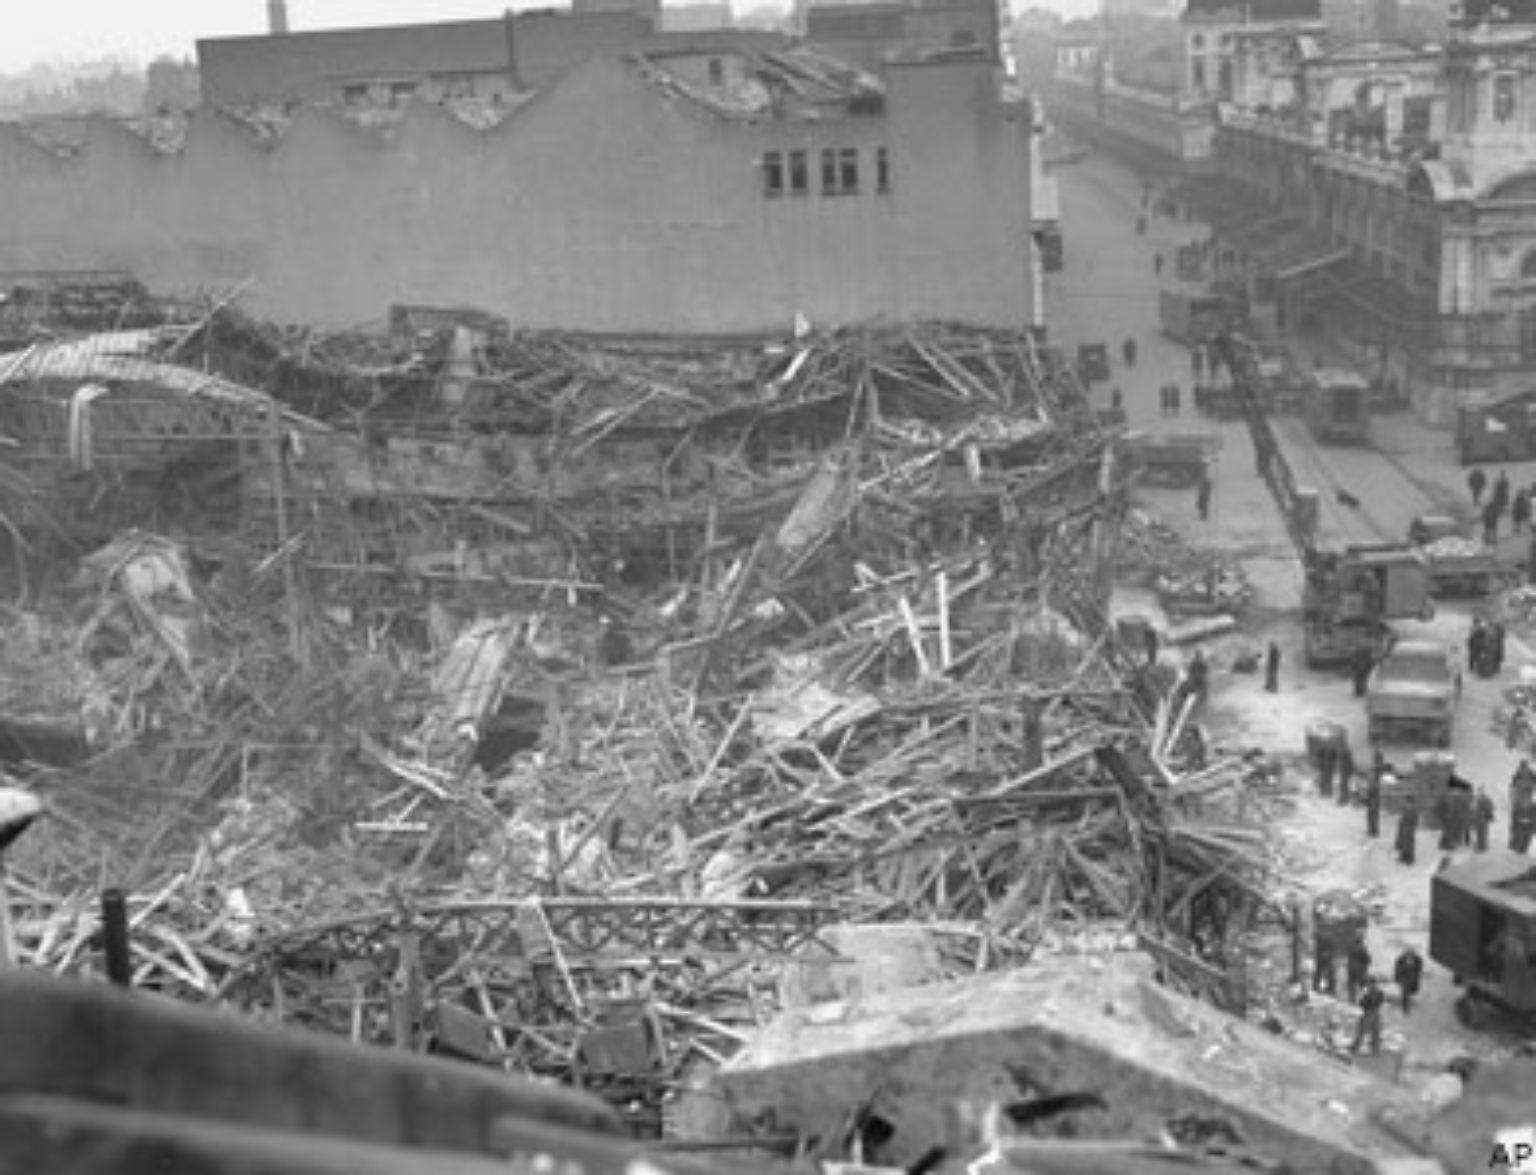 Es ist kurz nach dem Zweiten Weltkrieg. Europa liegt noch in Trümmern, da warnt der ehemalige britische Premierminister Winston Churchill am 5. März 1946 bei einer Reise in die USA: